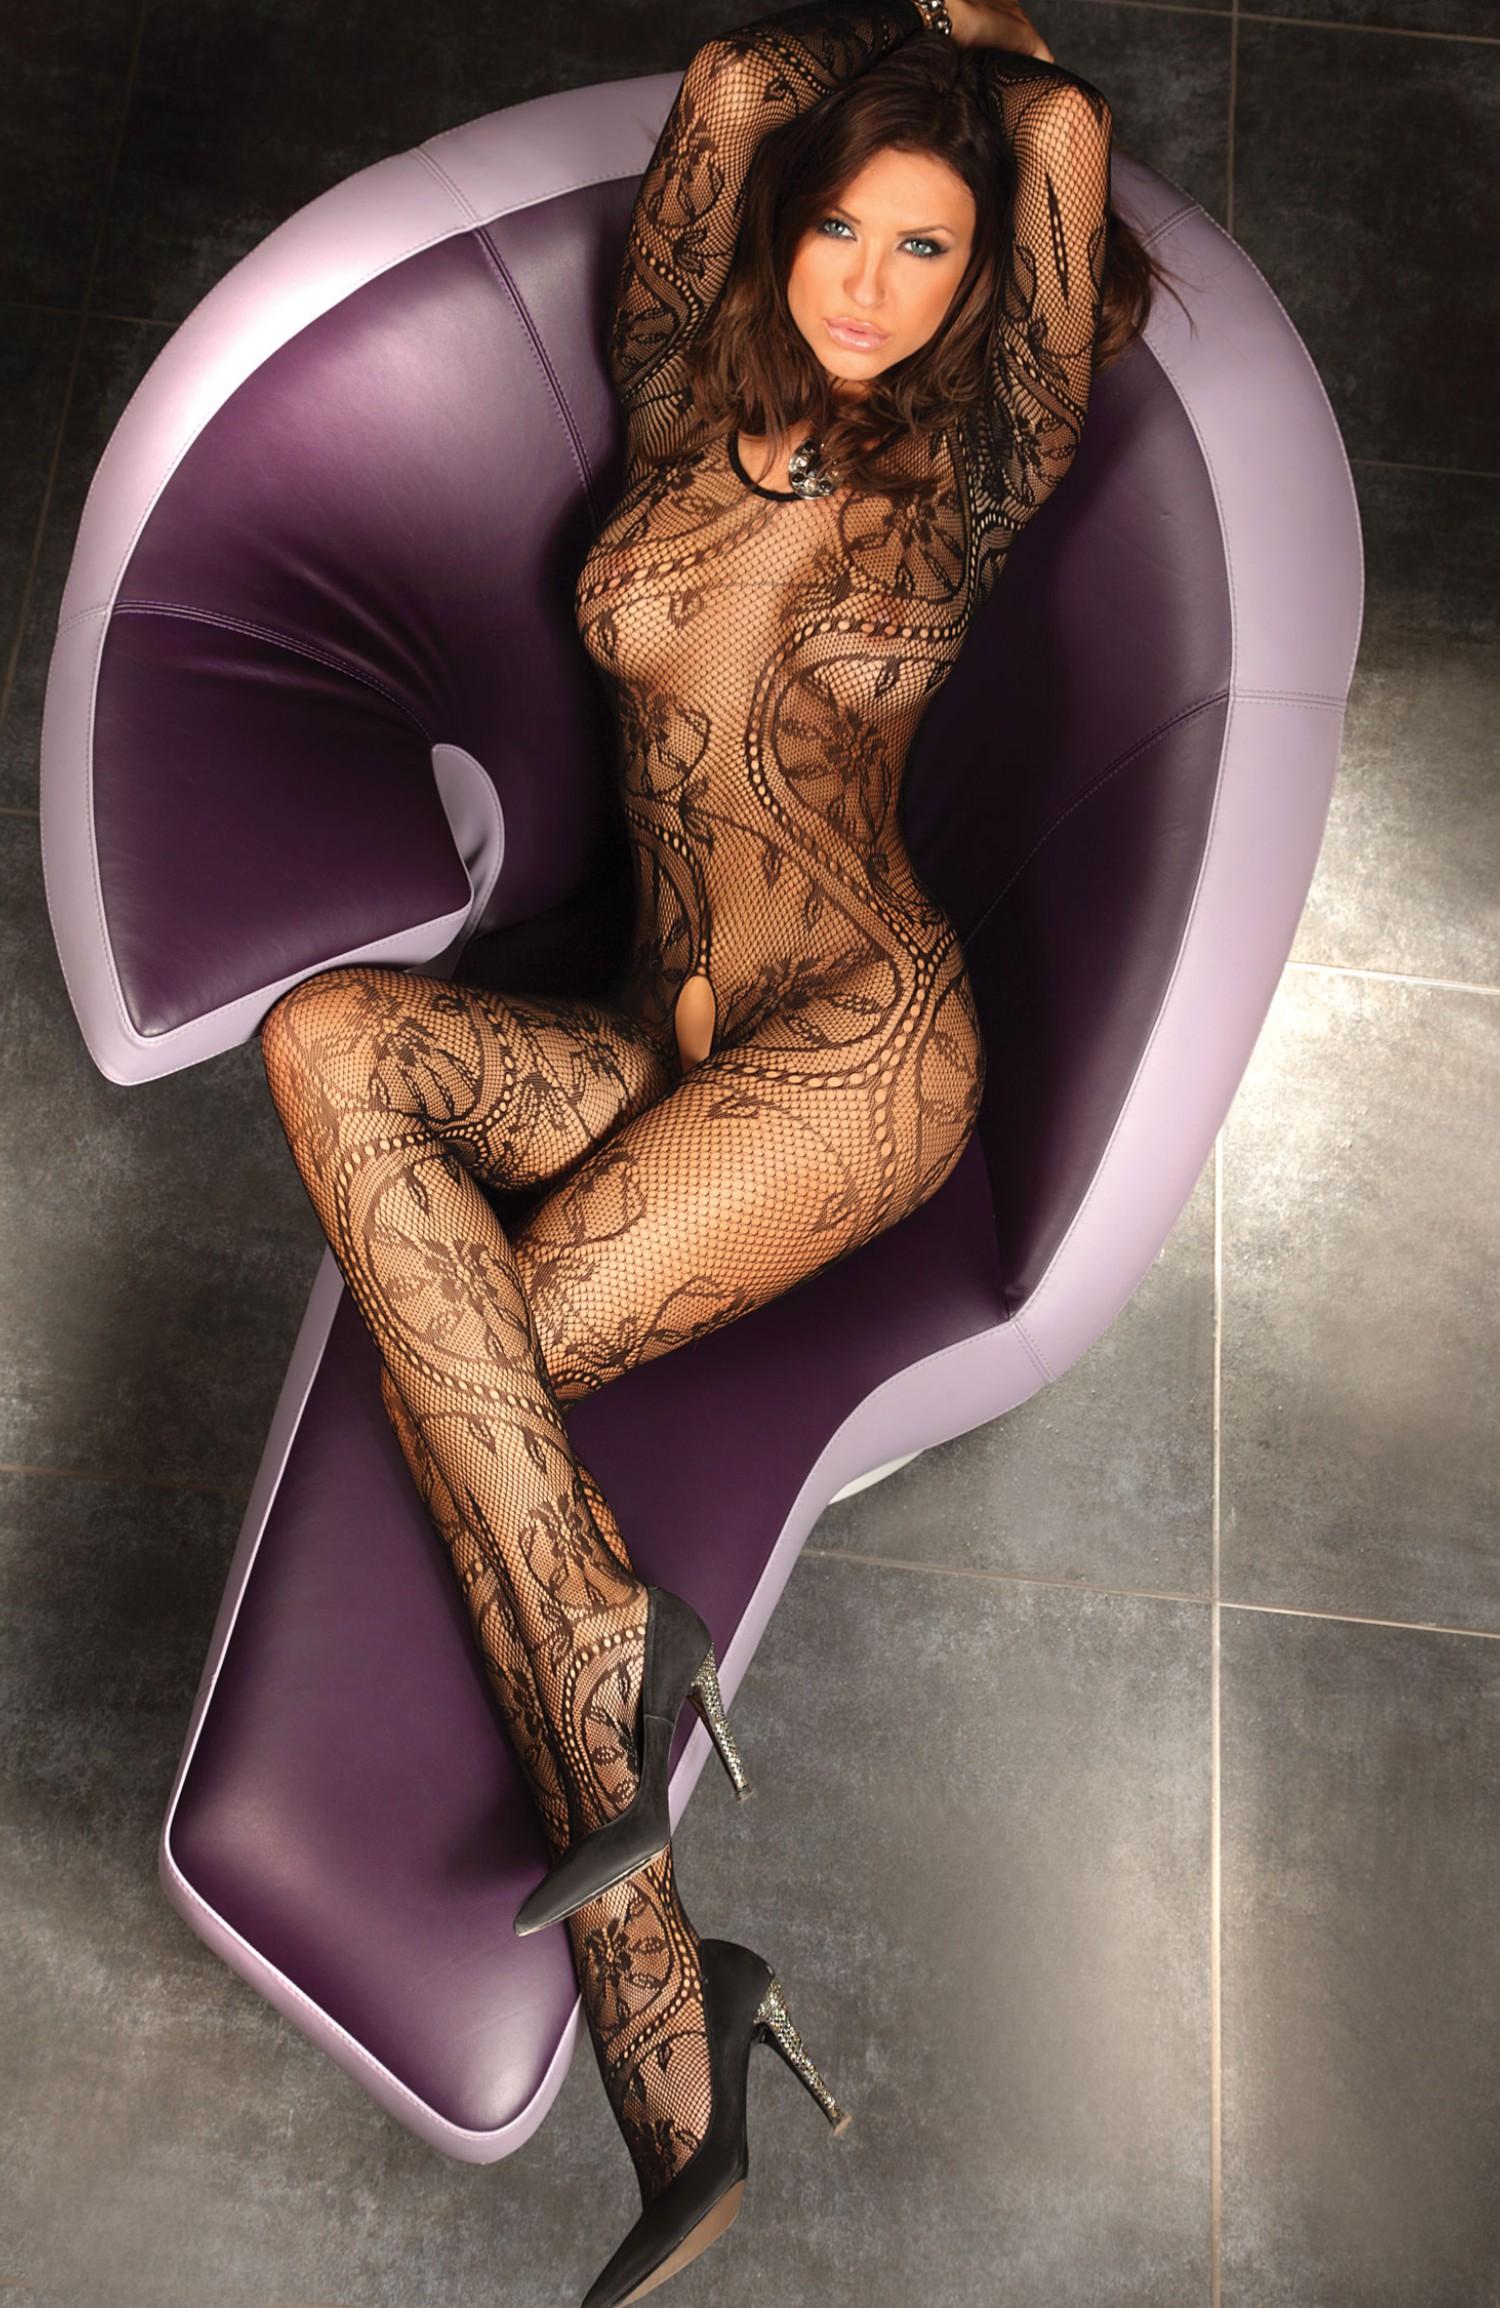 Хентай lingerie женское бельё онлайн 1 фотография